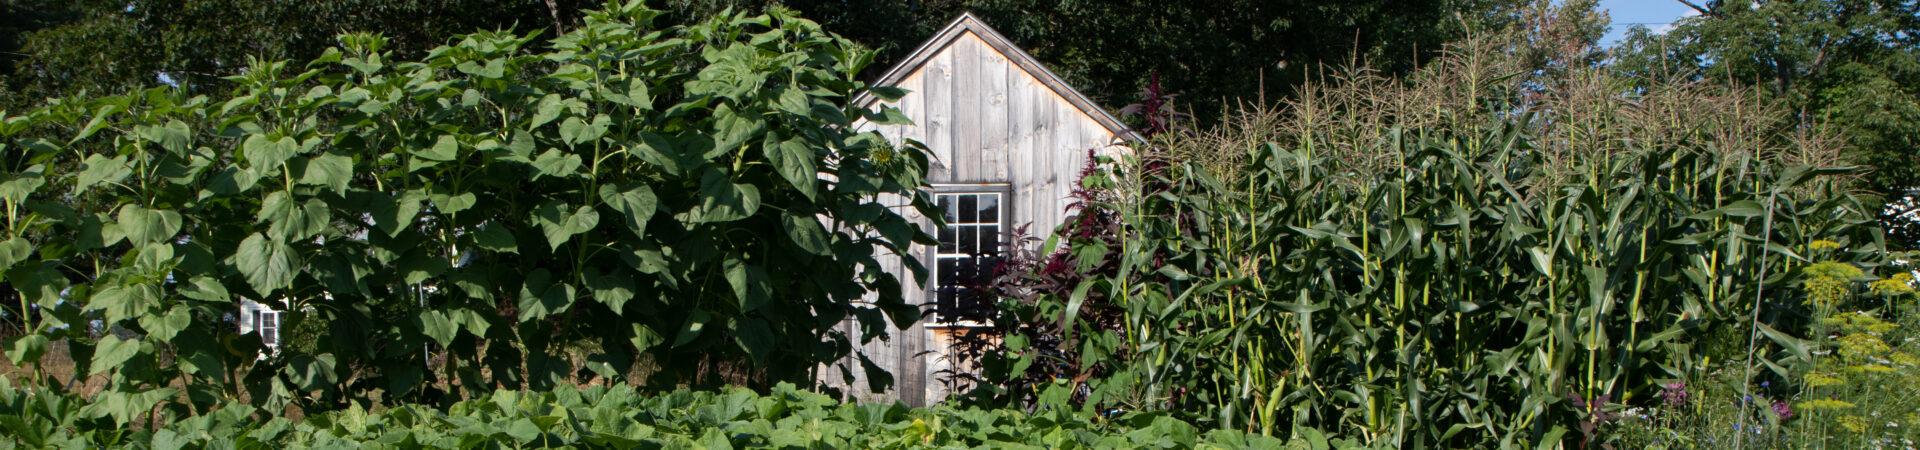 Harrisville Community Garden